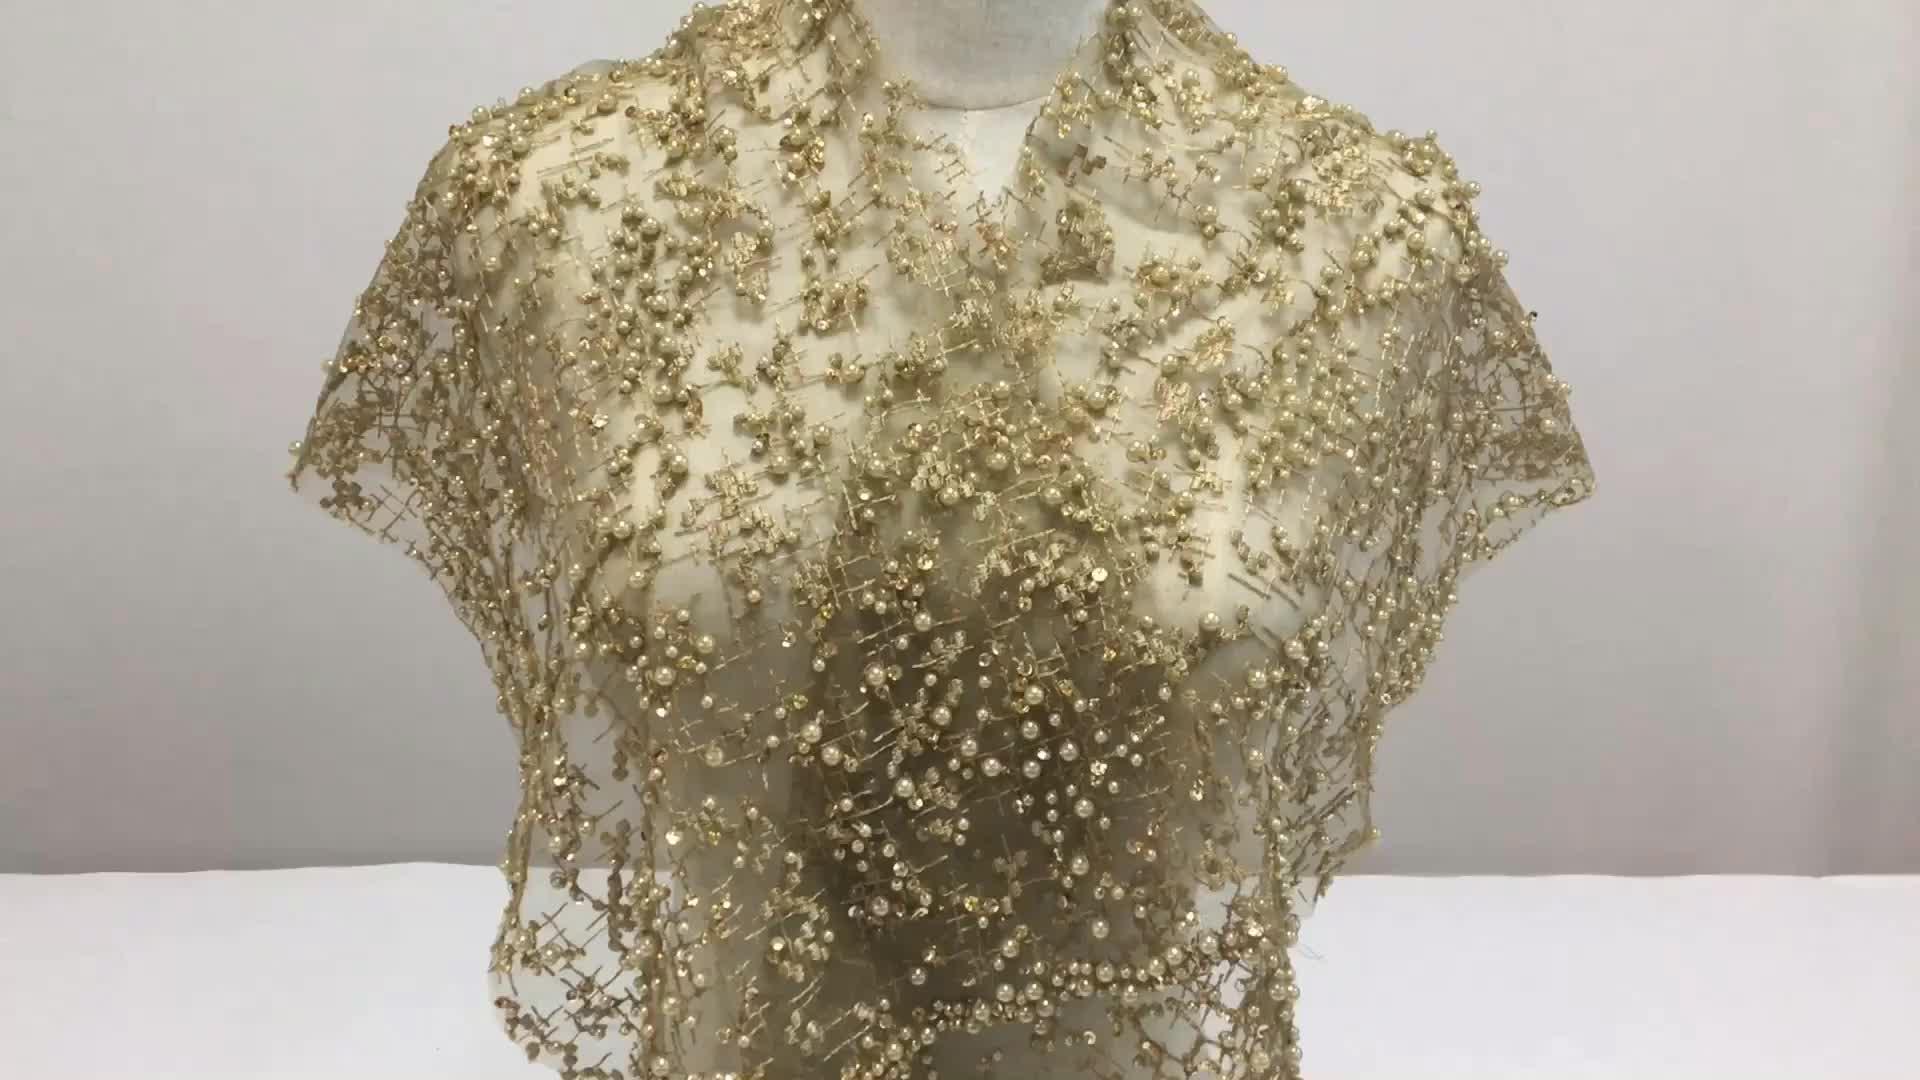 Đầu Cuối Pháp Vàng Sequins Tulle Vải Ren 3D Vải Ren Hạt Bridal Wedding Ren HY0617